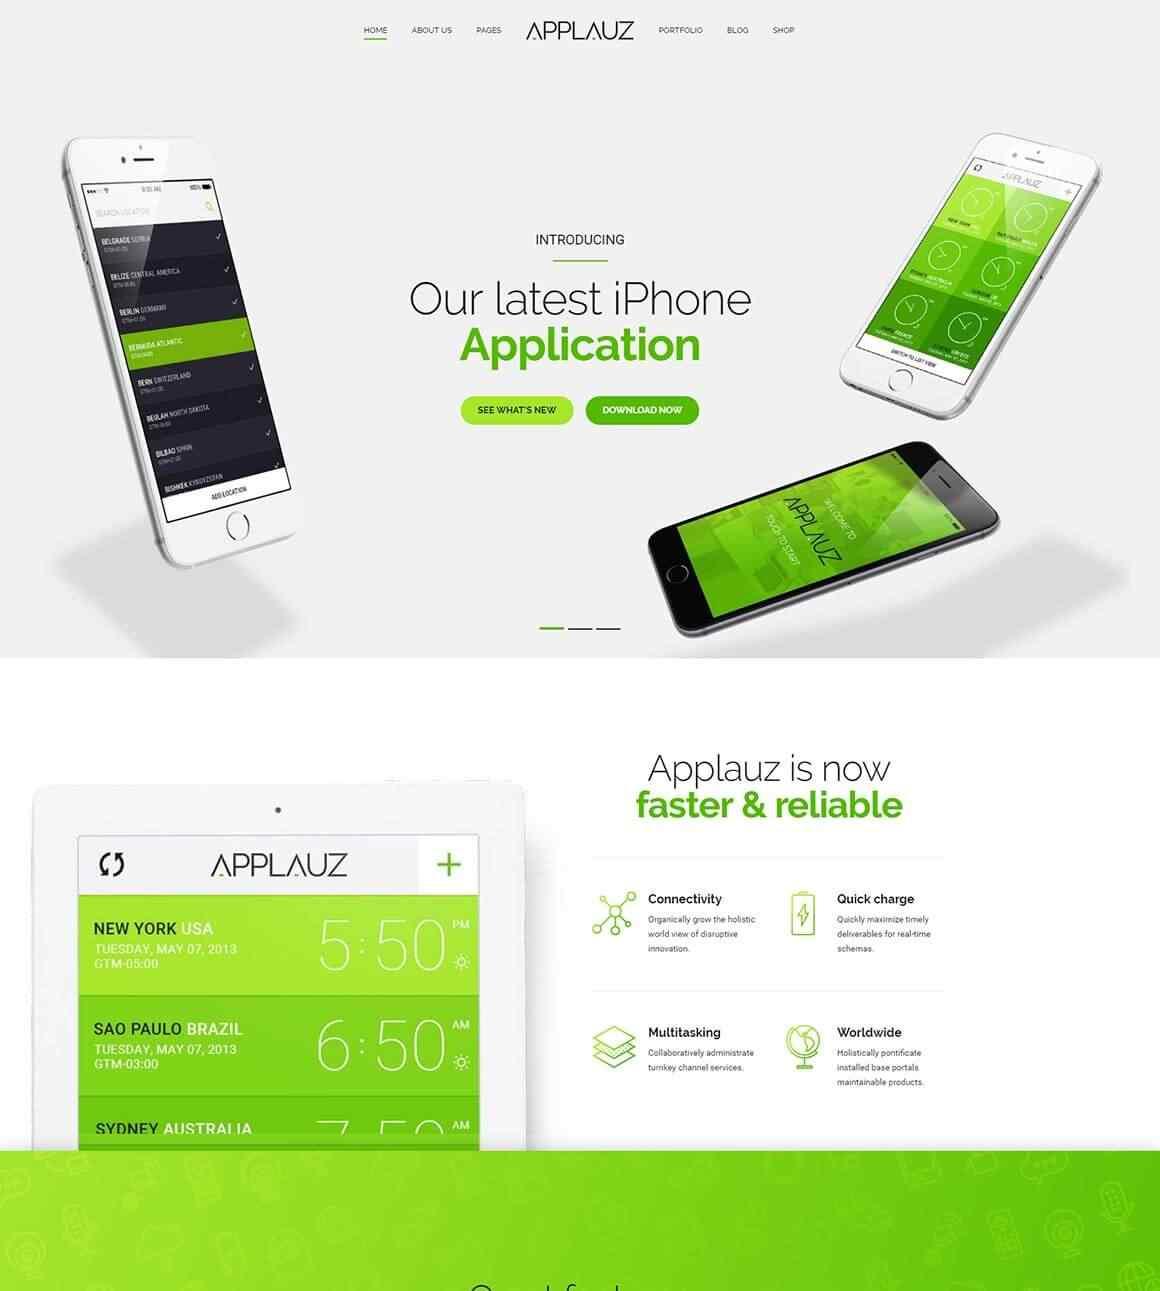 http://www.entoprot.com/wp-content/uploads/2017/11/Screenshot-App.jpg